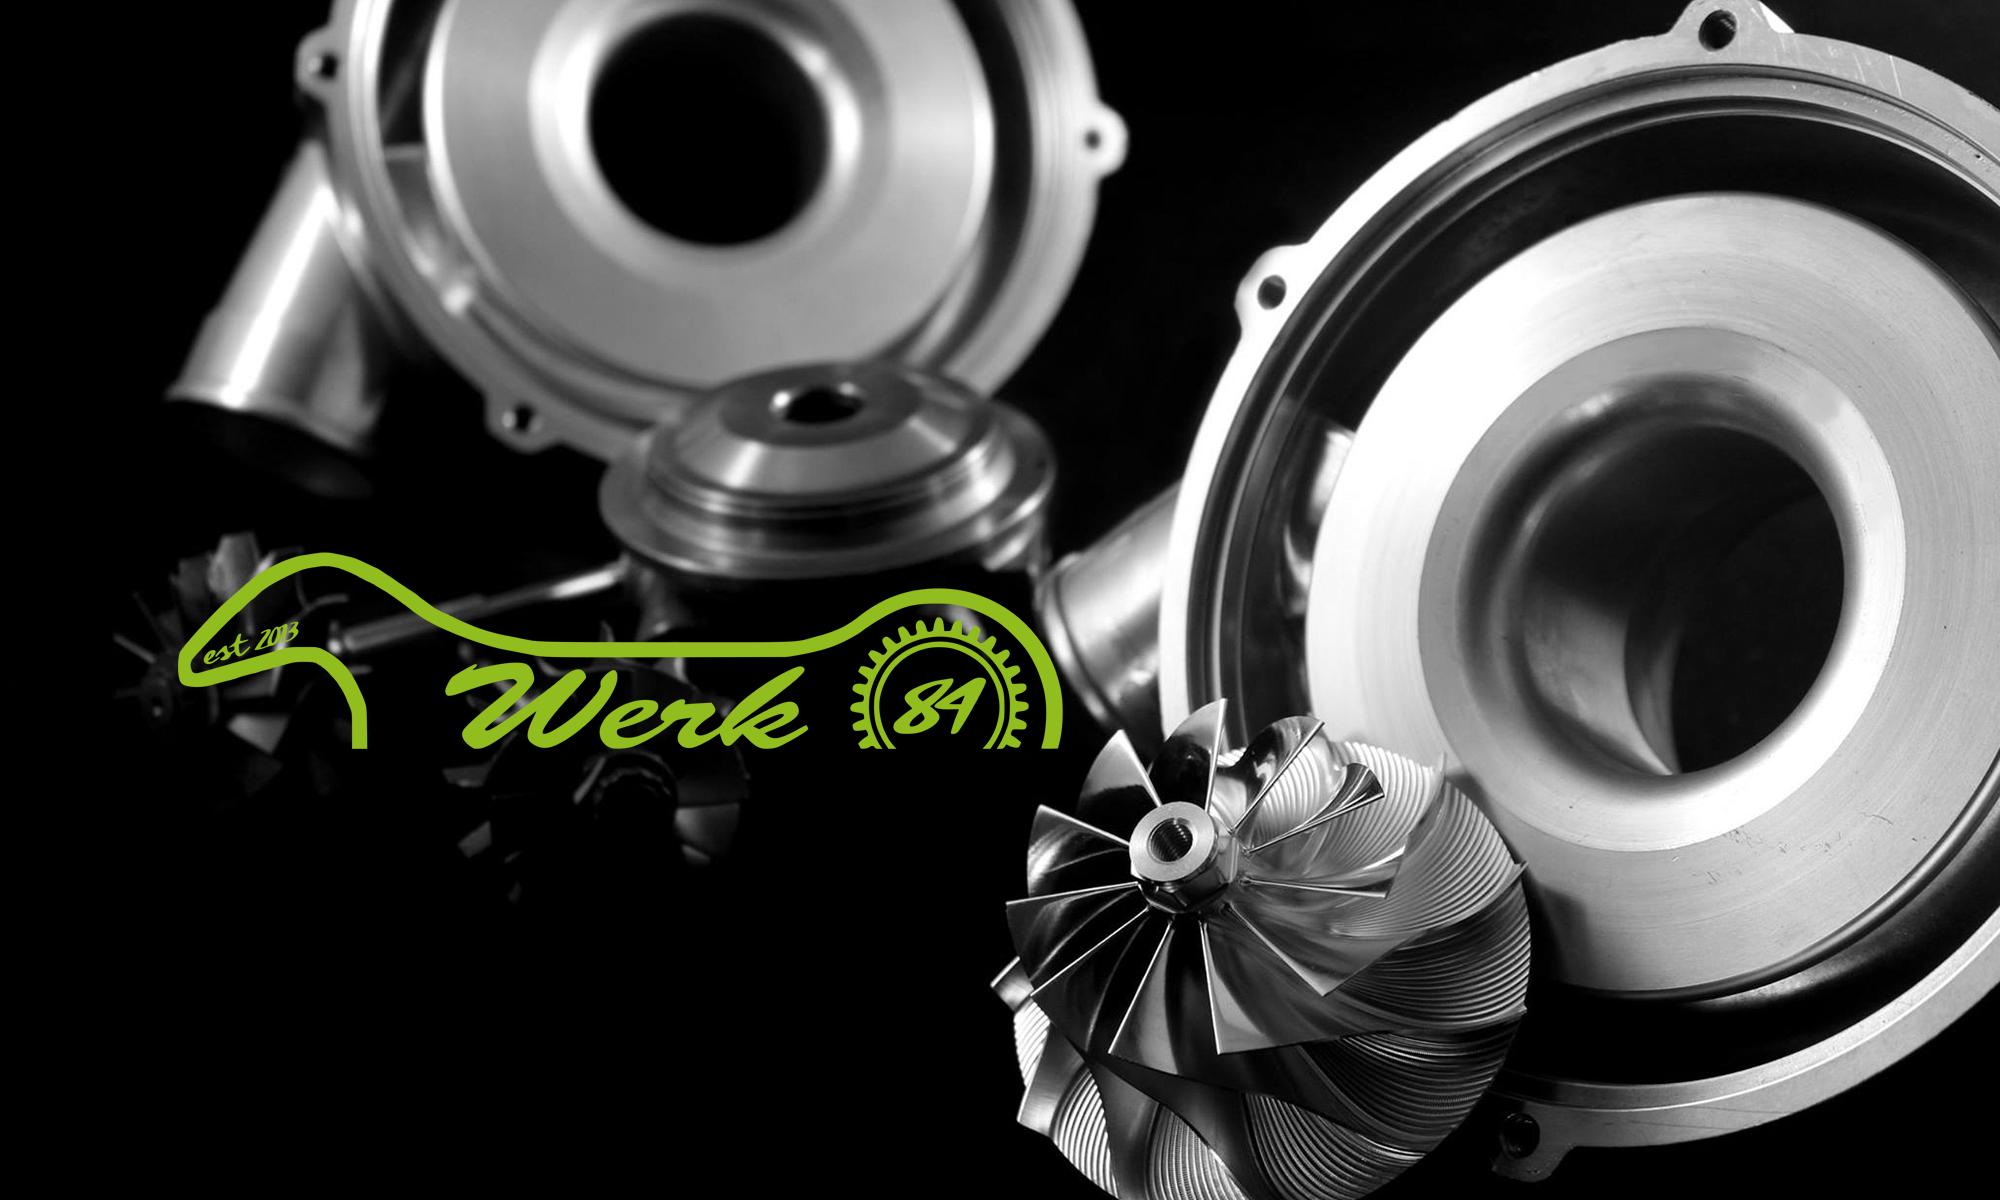 Werk84 in Kastl | Turbolader & Pulverbeschichtung